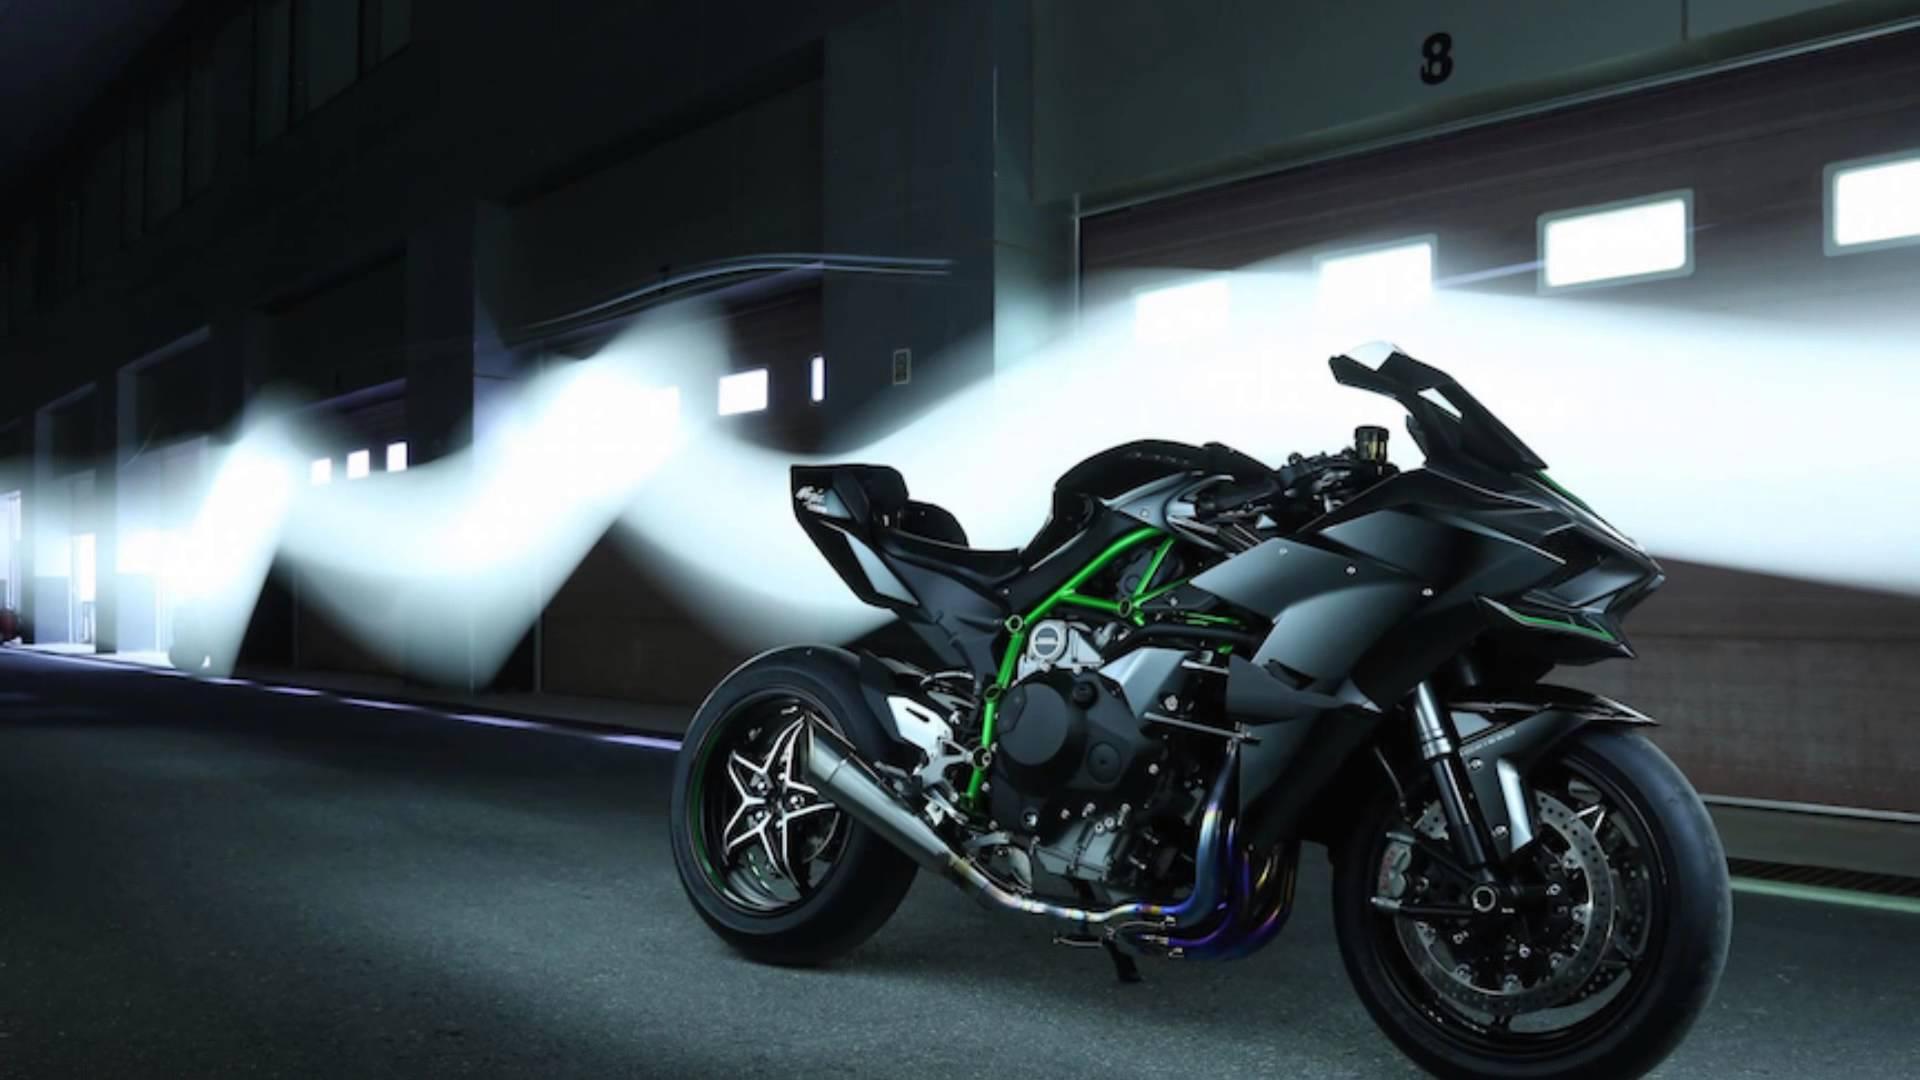 Kawasaki H2R Wallpapers